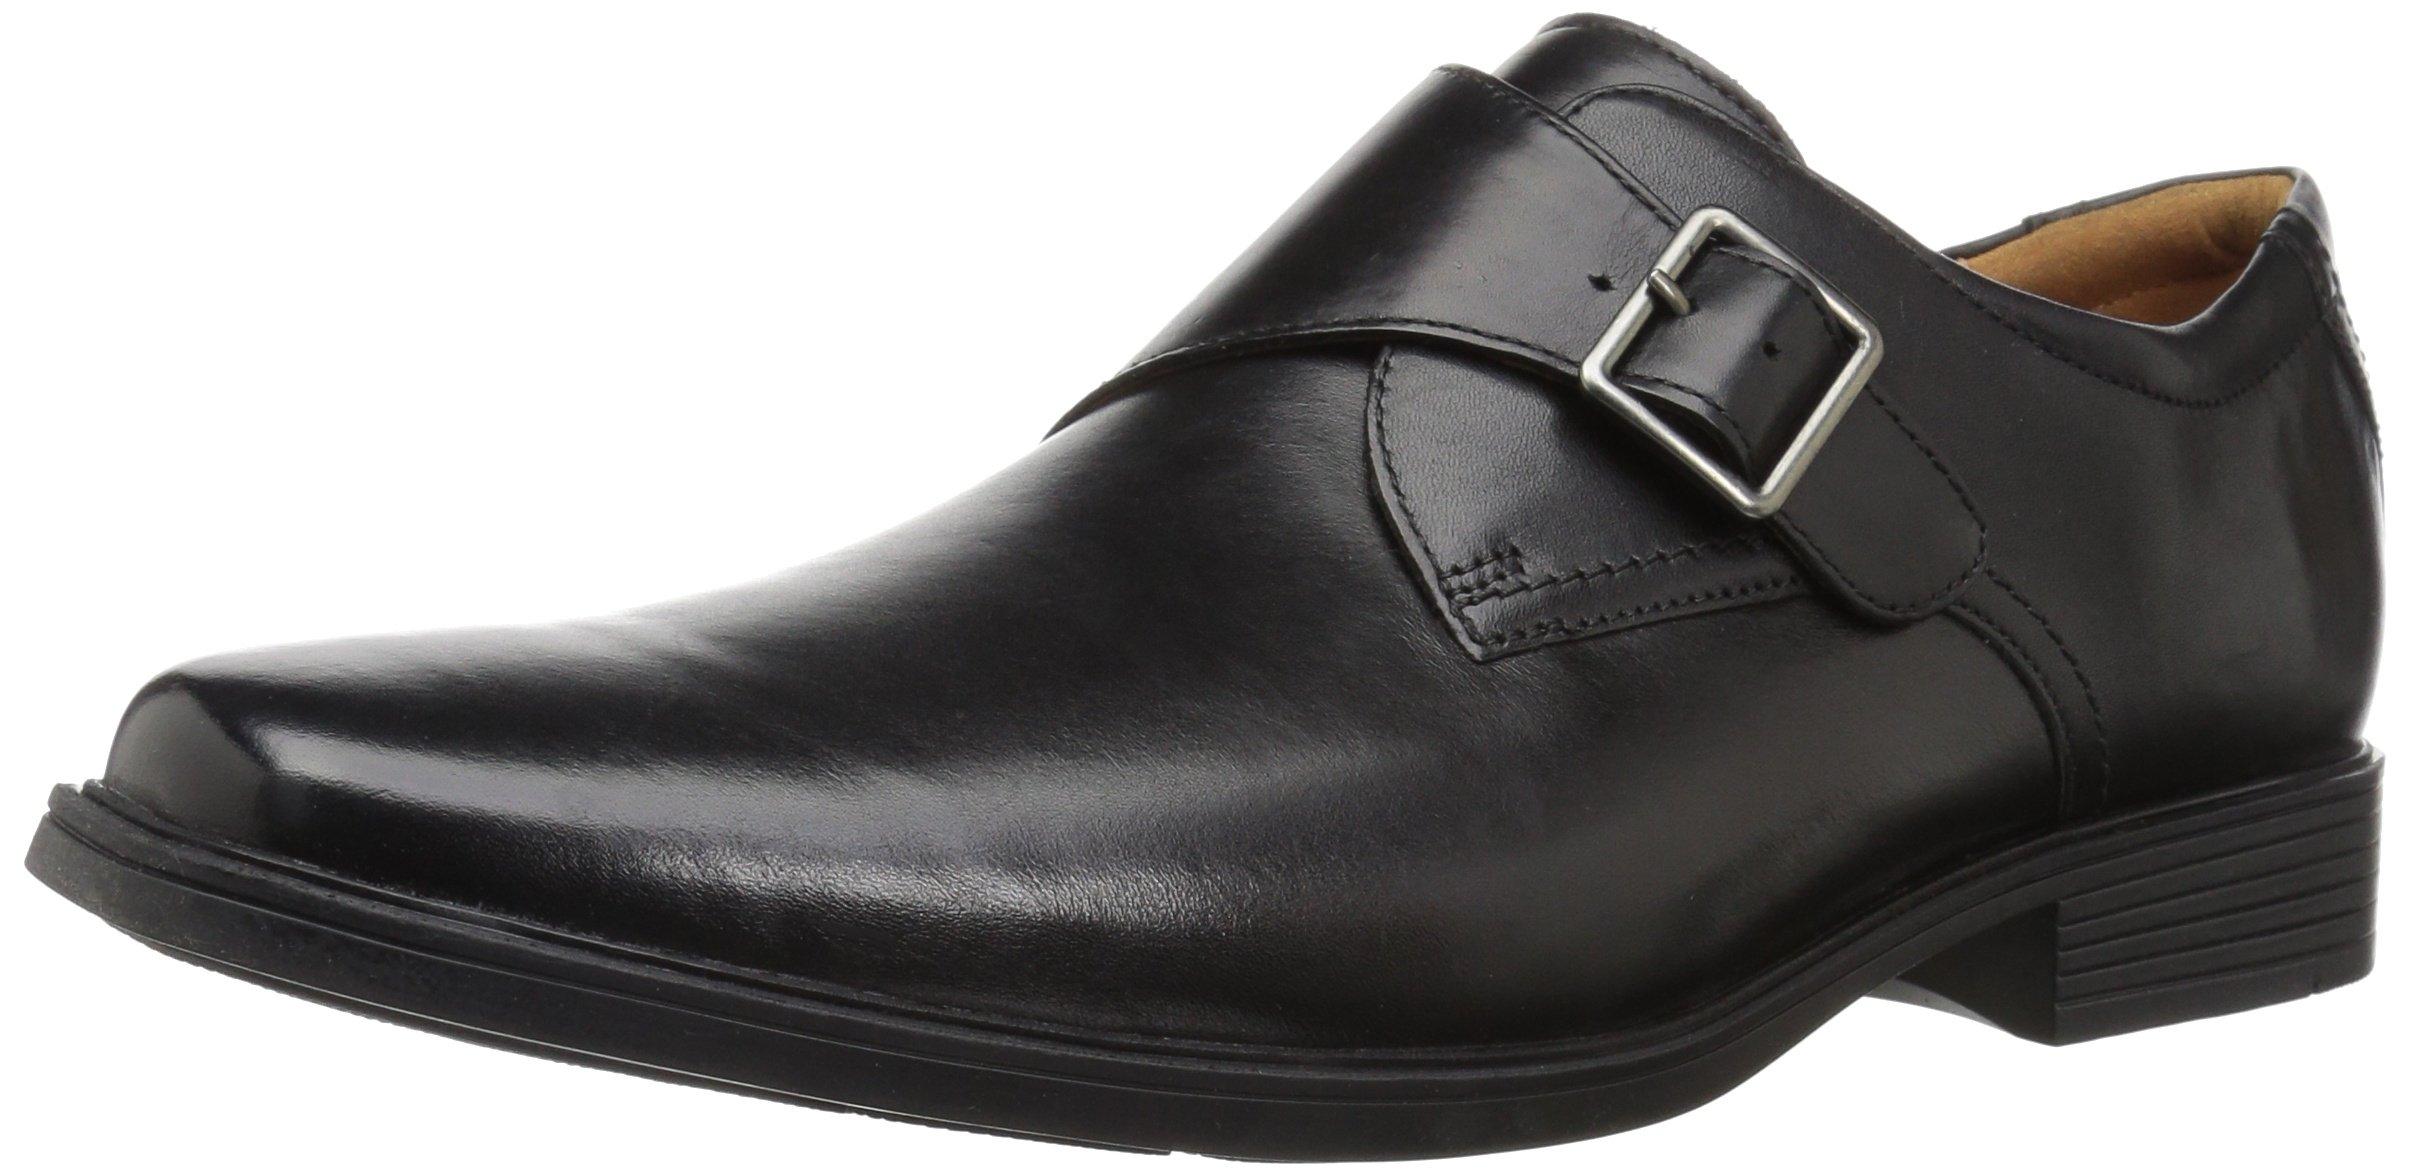 Clarks Men's Tilden Style Monk-Strap Loafer, Black Leather, 10.5 M US